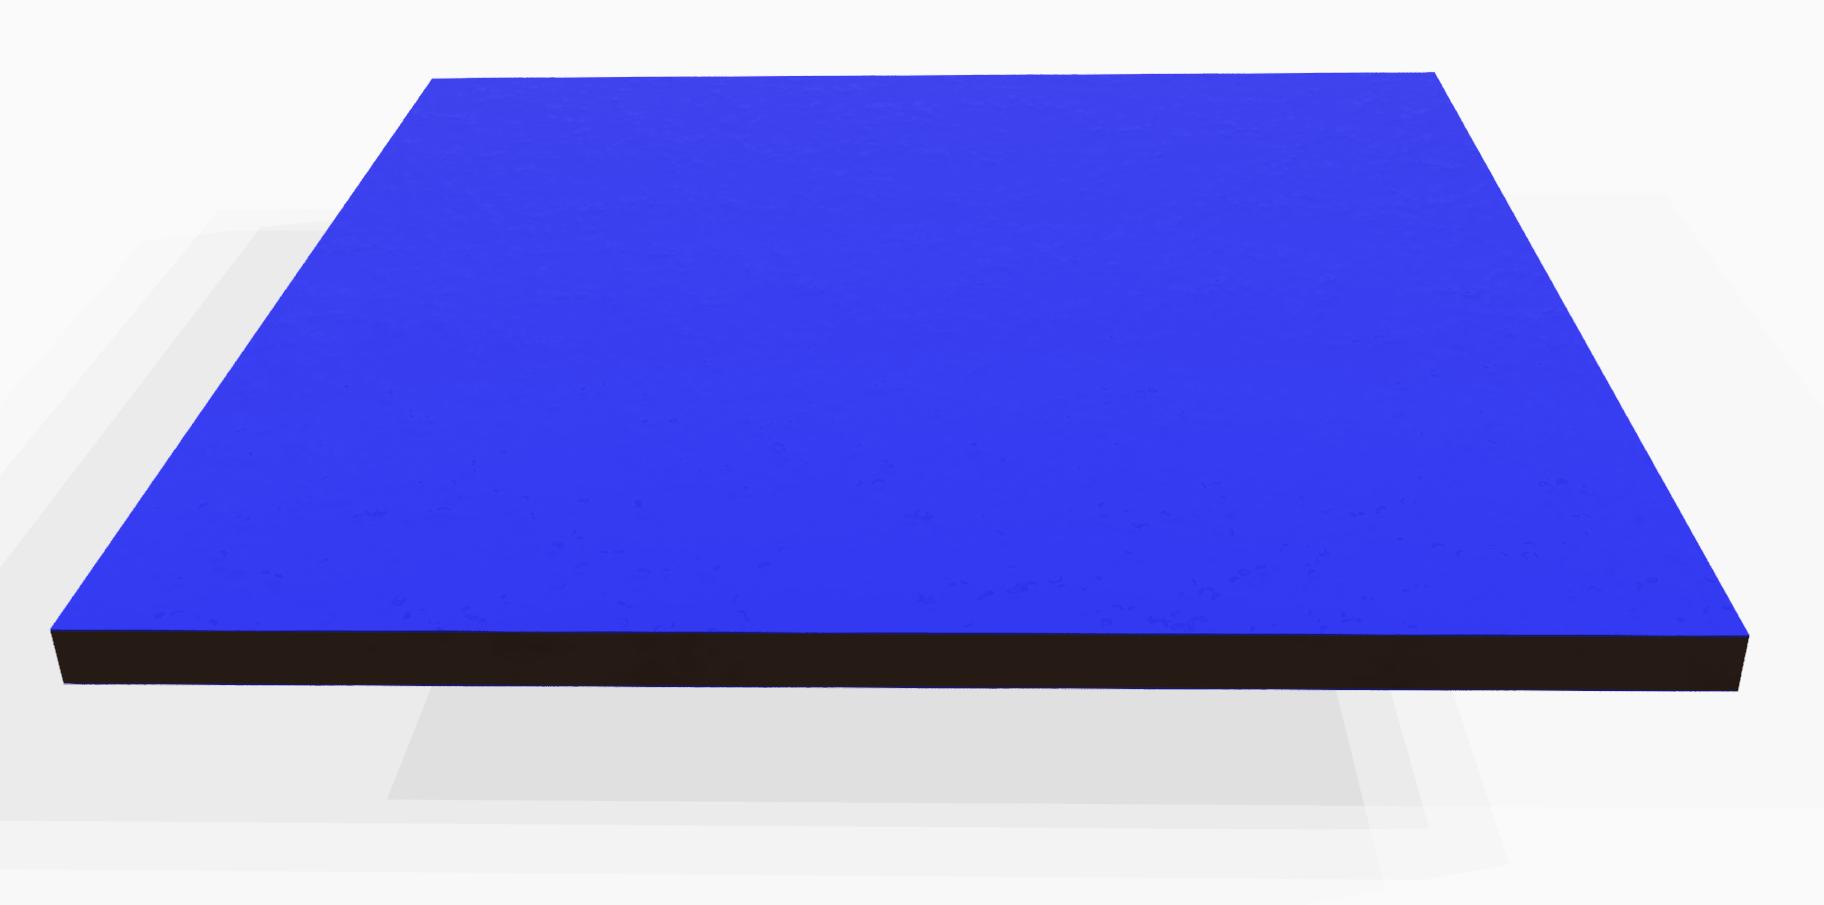 Vollkunststoff 10 mm ähnlich RAL 5024, blau